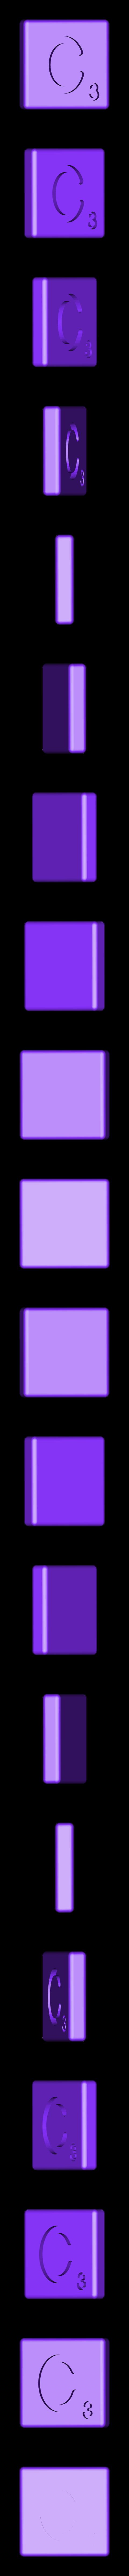 Dual_Shell_C.STL Télécharger fichier STL gratuit Pièces et support SCRABBBLE • Design pour imprimante 3D, Balkhagal4D